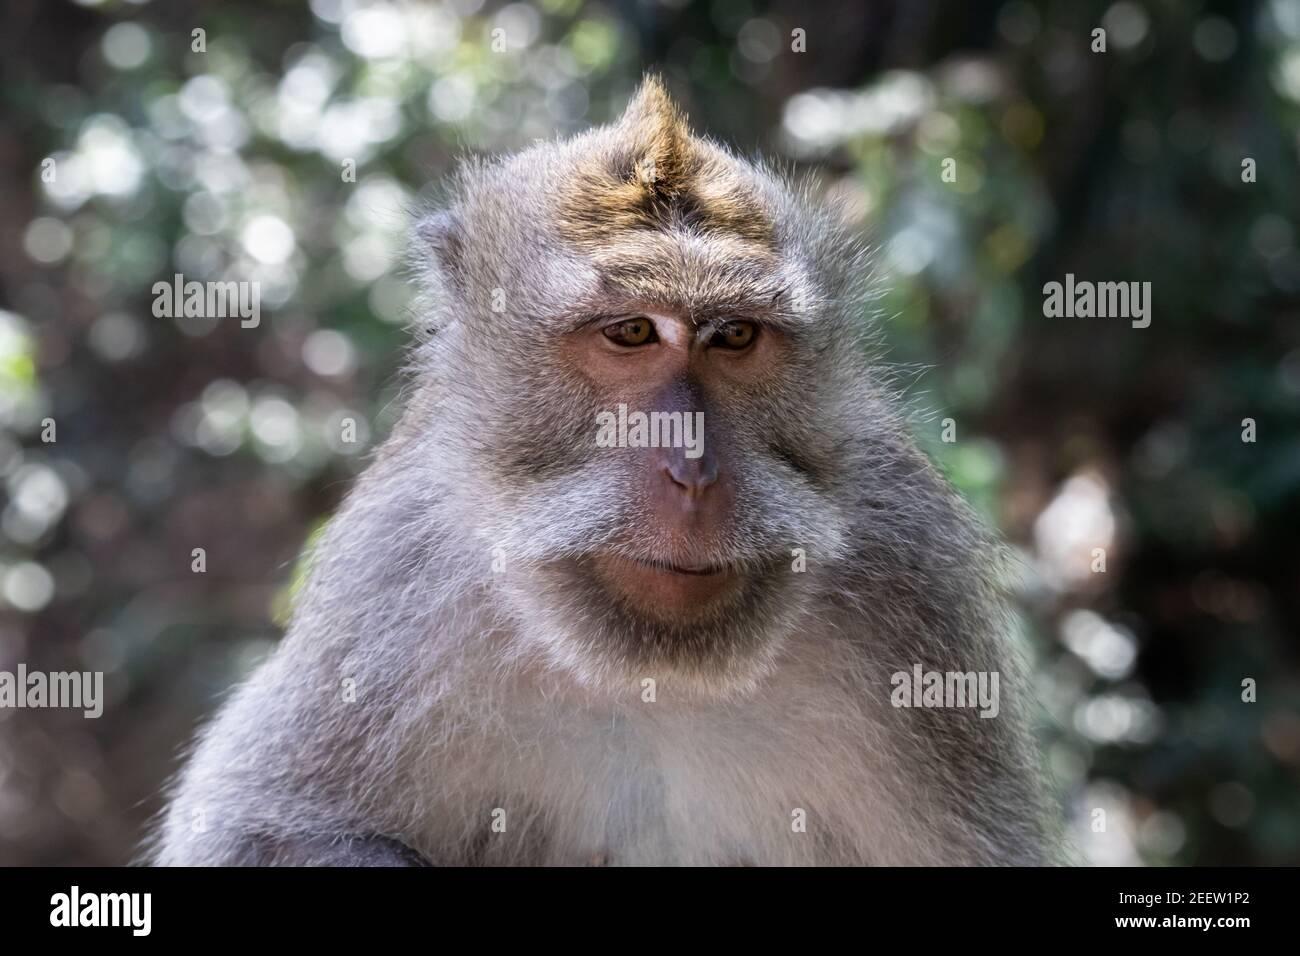 Primer plano del mono de cola larga balinés. Cepillo de la selva en el fondo. Foto de stock